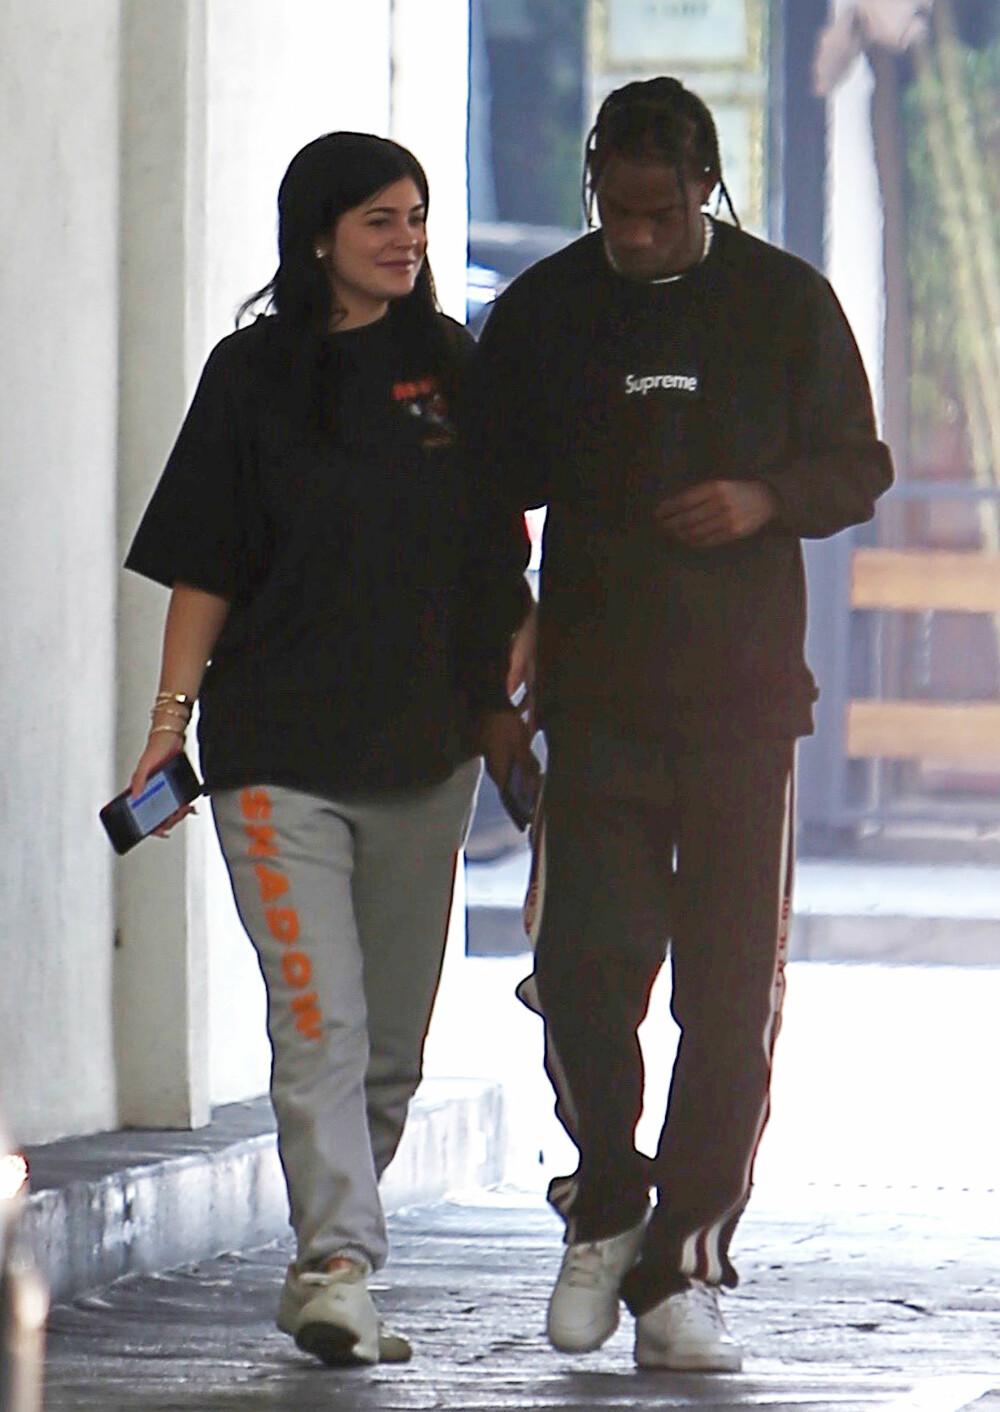 Kylie Jenner og Travis Scott på sykehus i høst da Kylie var gravid, men ikke hadde hverken bekreftet eller avkreftet ryktene som svirret.